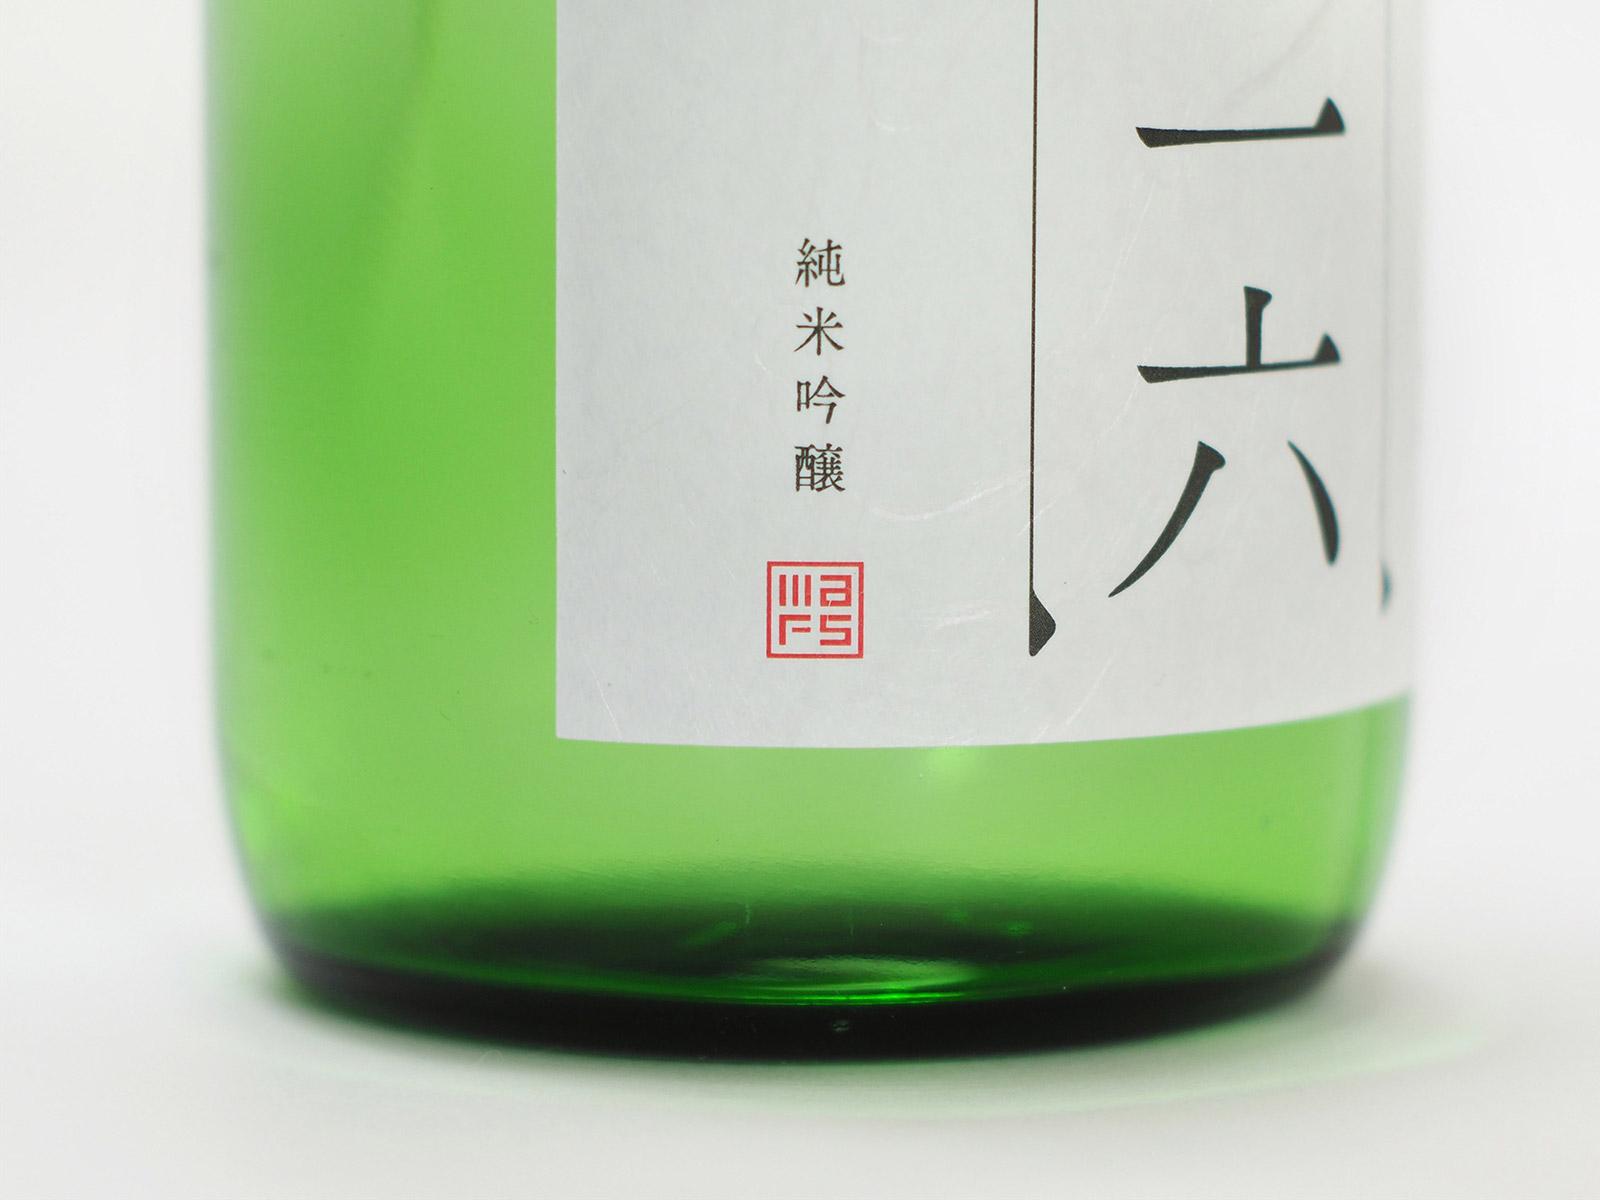 日本清酒包装设计元素